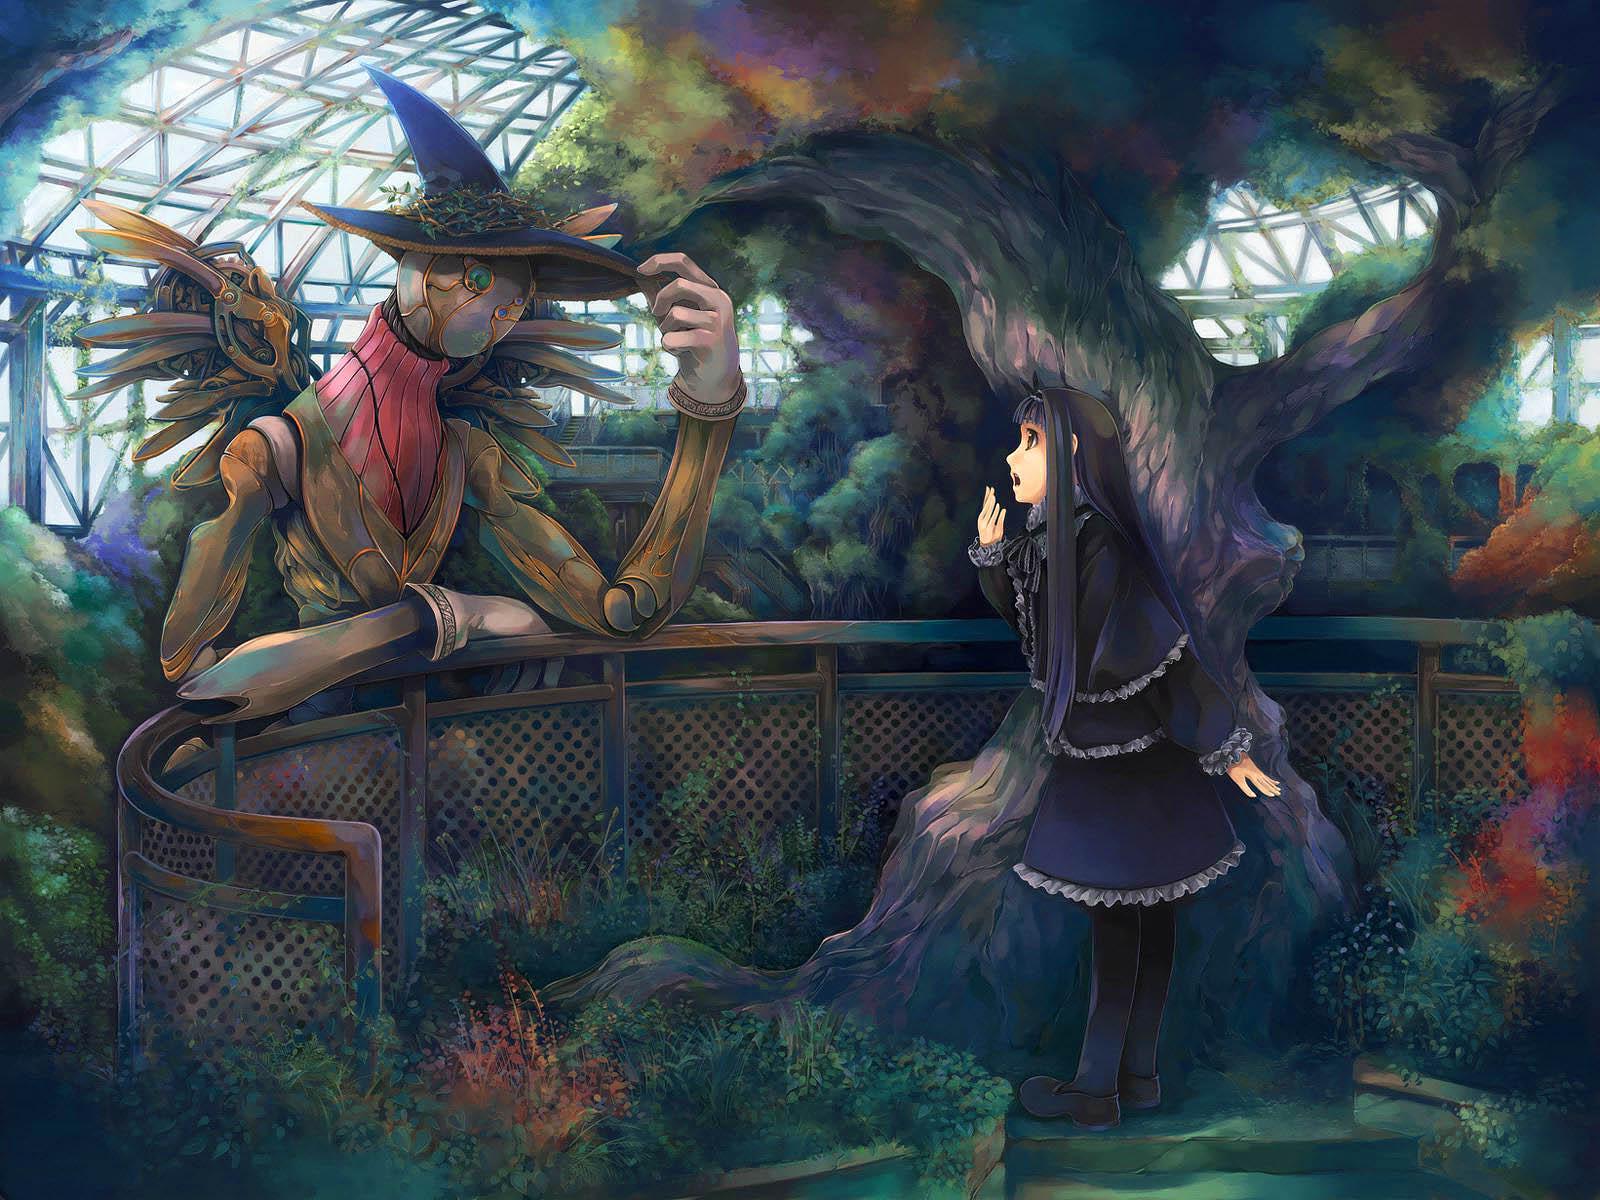 Awesome Anime Wallpapers HD - WallpaperSafari